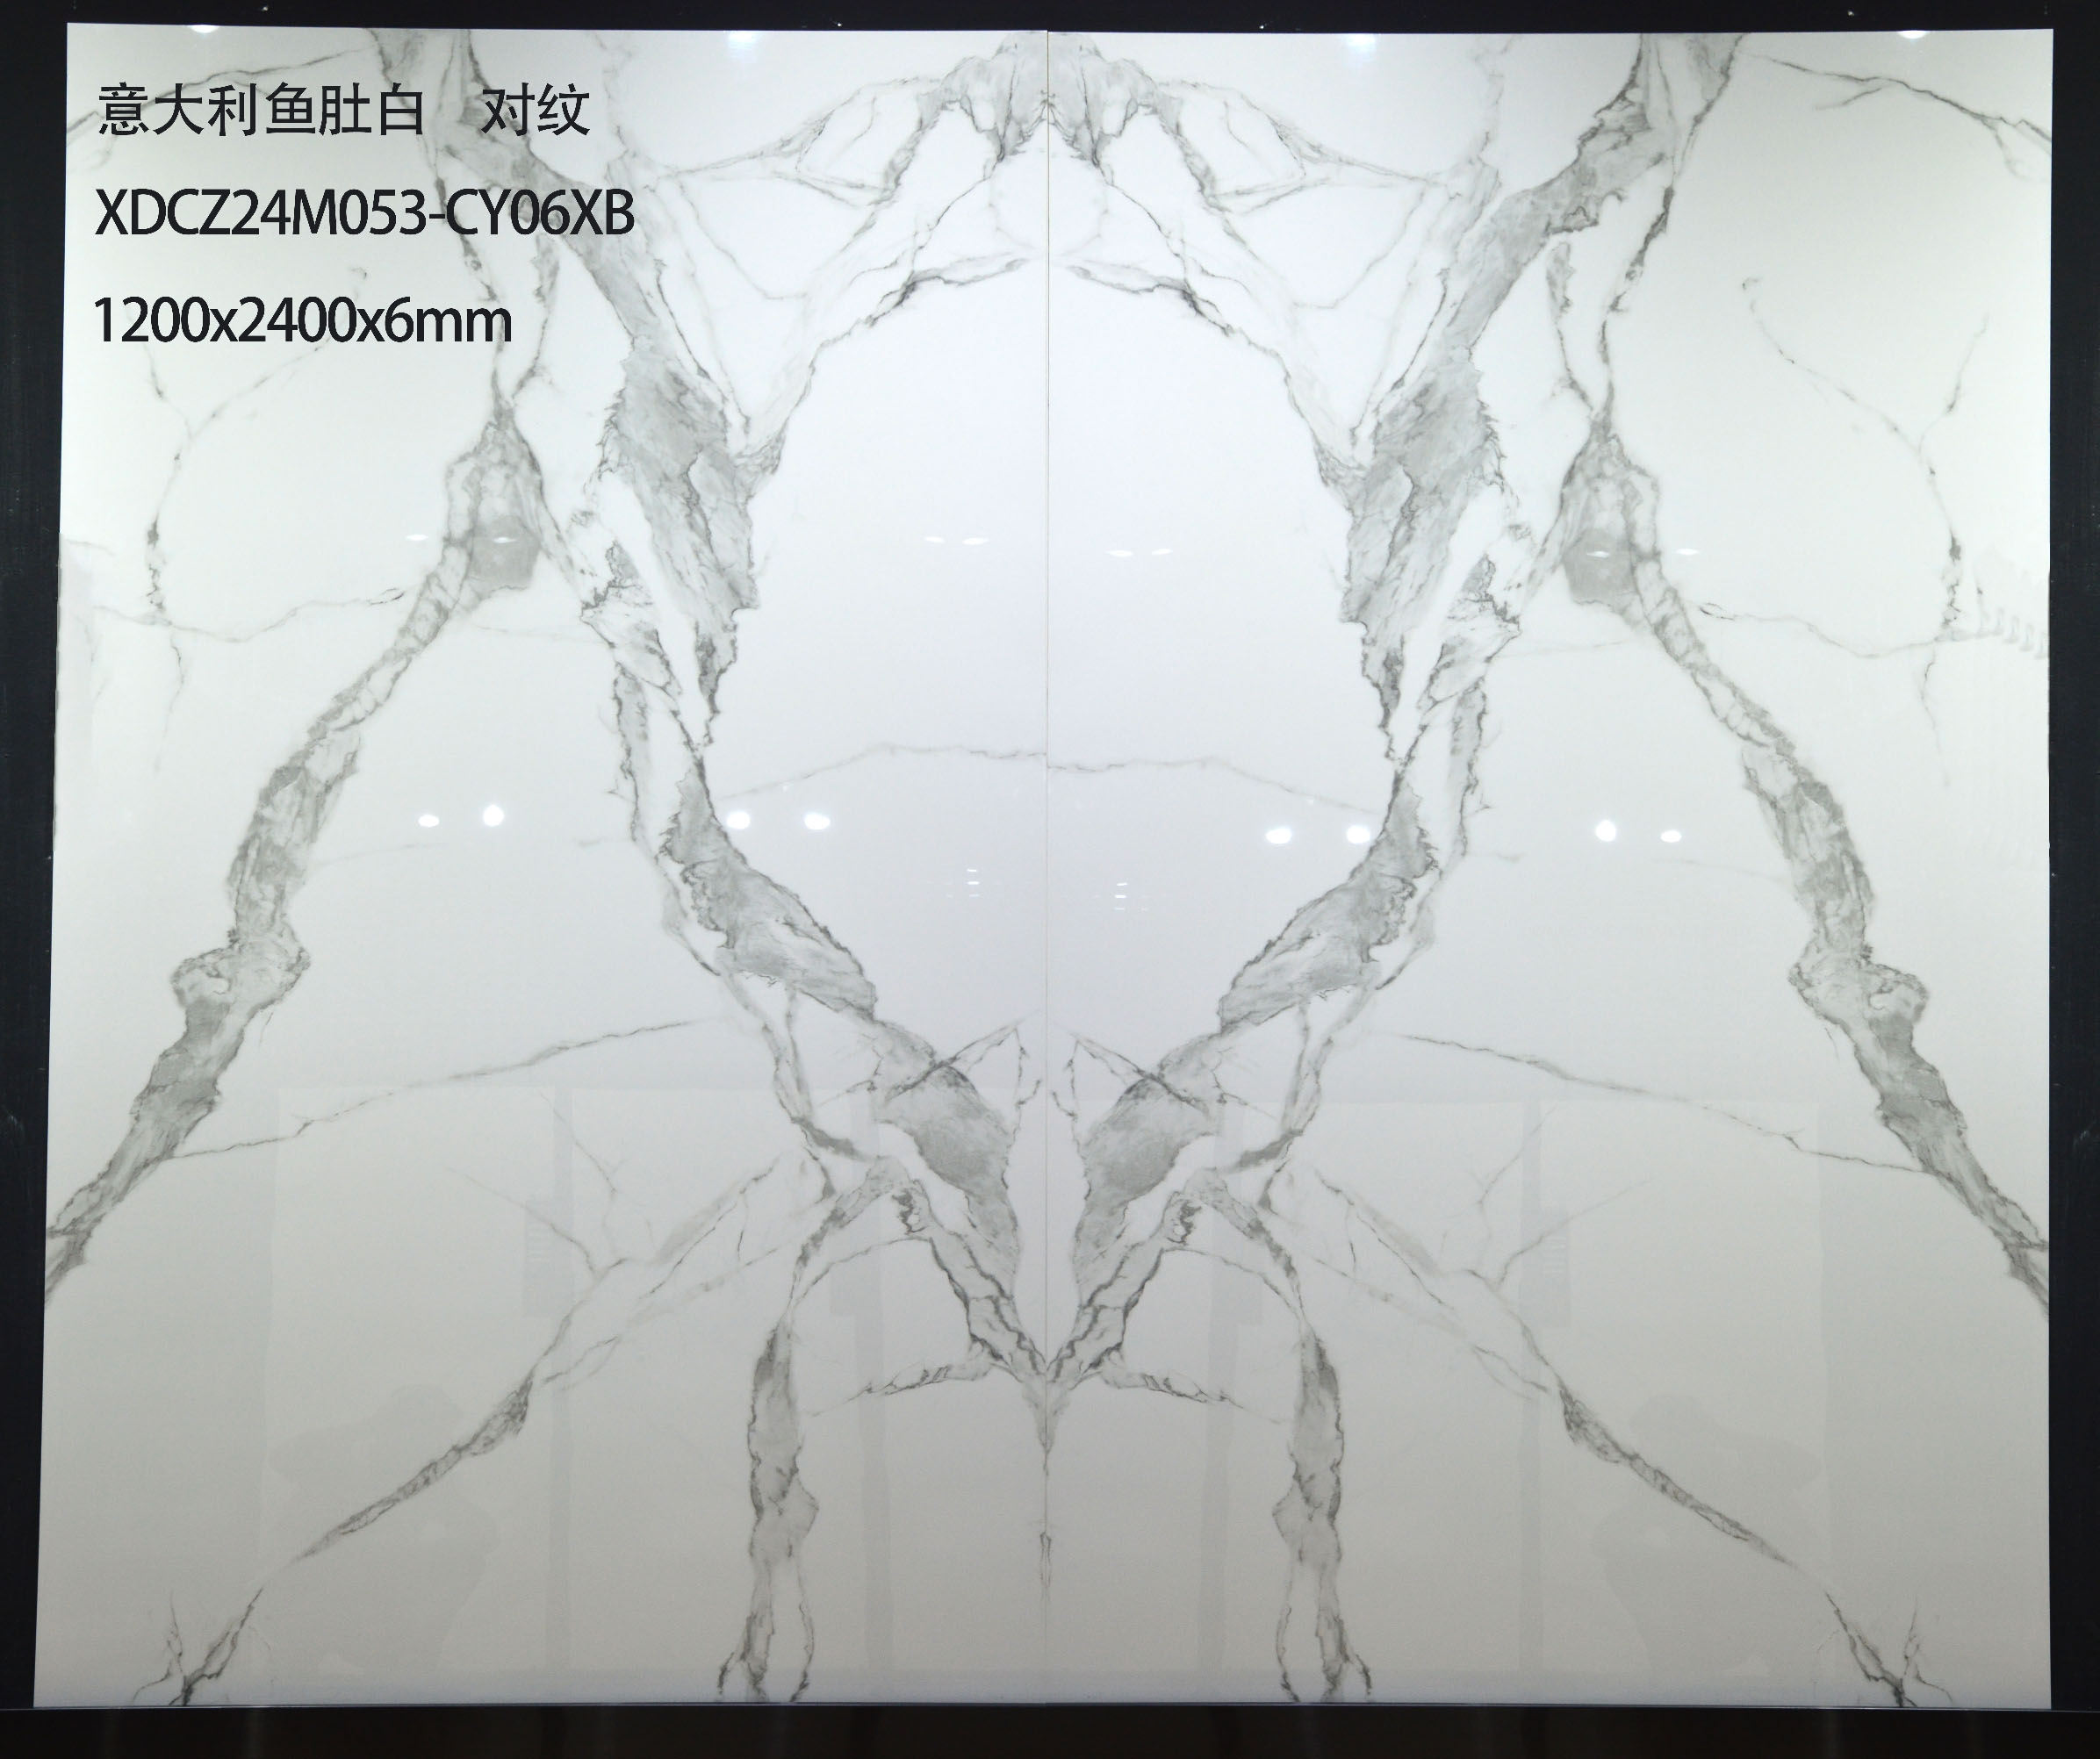 XDCZ24M053-CY06XB 意大利鱼肚白